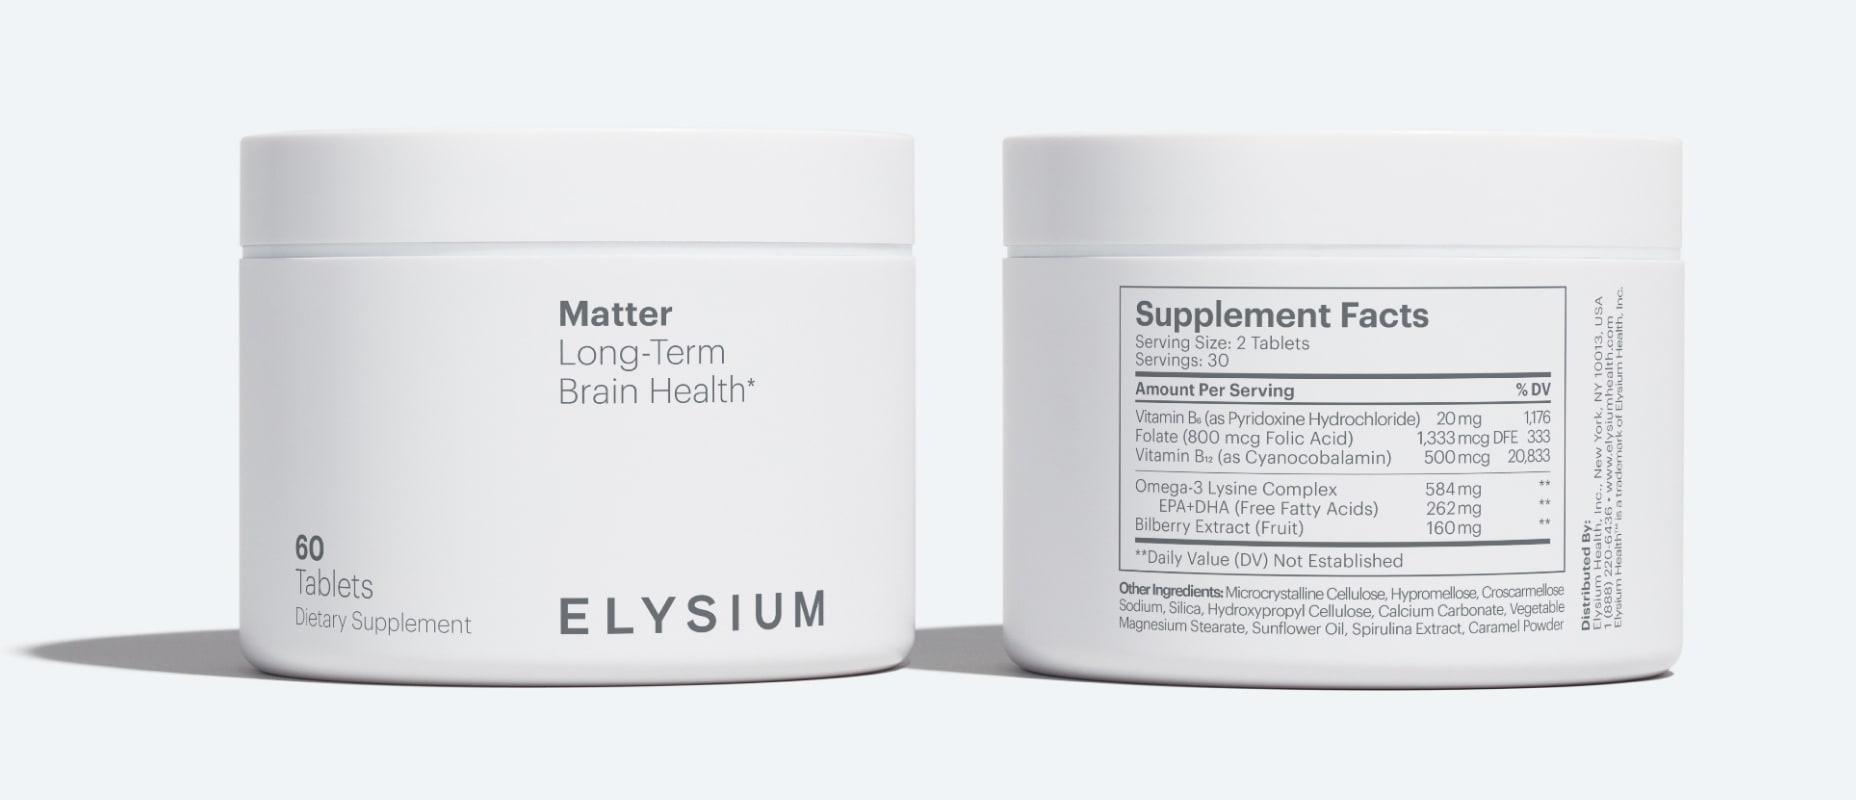 Matter Supplement Facts